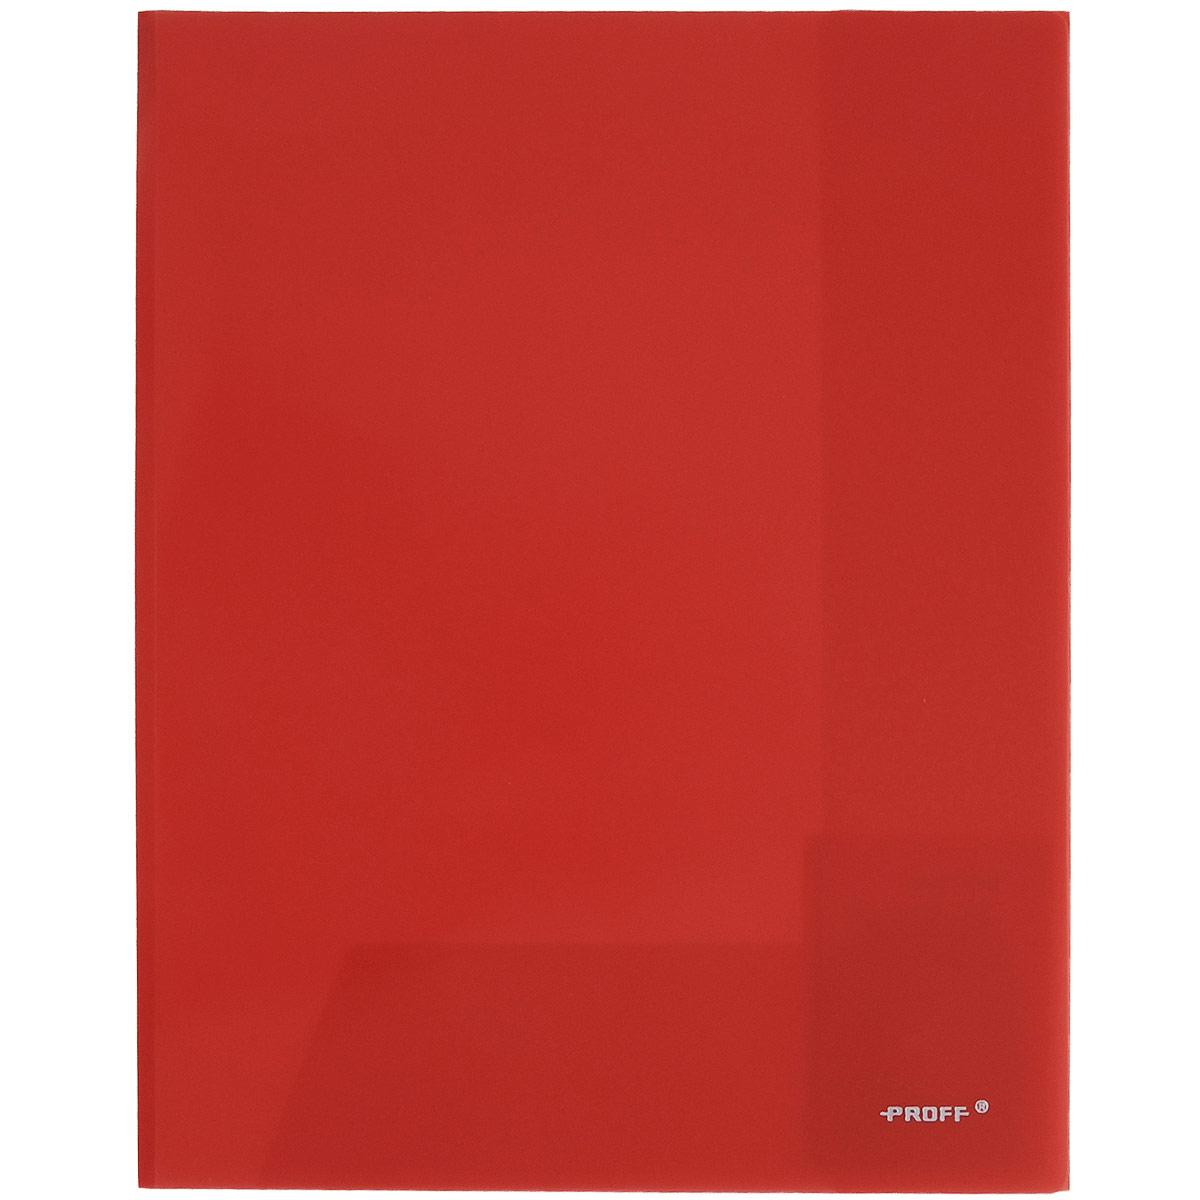 Папка-уголок Proff, цвет: красный, 2 клапана. Формат А4611308Папка-уголок Proff, изготовленная из высококачественного полипропилена, это удобный и практичный офисный инструмент, предназначенный для хранения и транспортировки рабочих бумаг и документов формата А4. Полупрозрачная папка оснащена двумя клапана внутри для надежного удержания бумаг. Папка-уголок - это незаменимый атрибут для студента, школьника, офисного работника. Такая папка надежно сохранит ваши документы и сбережет их от повреждений, пыли и влаги.